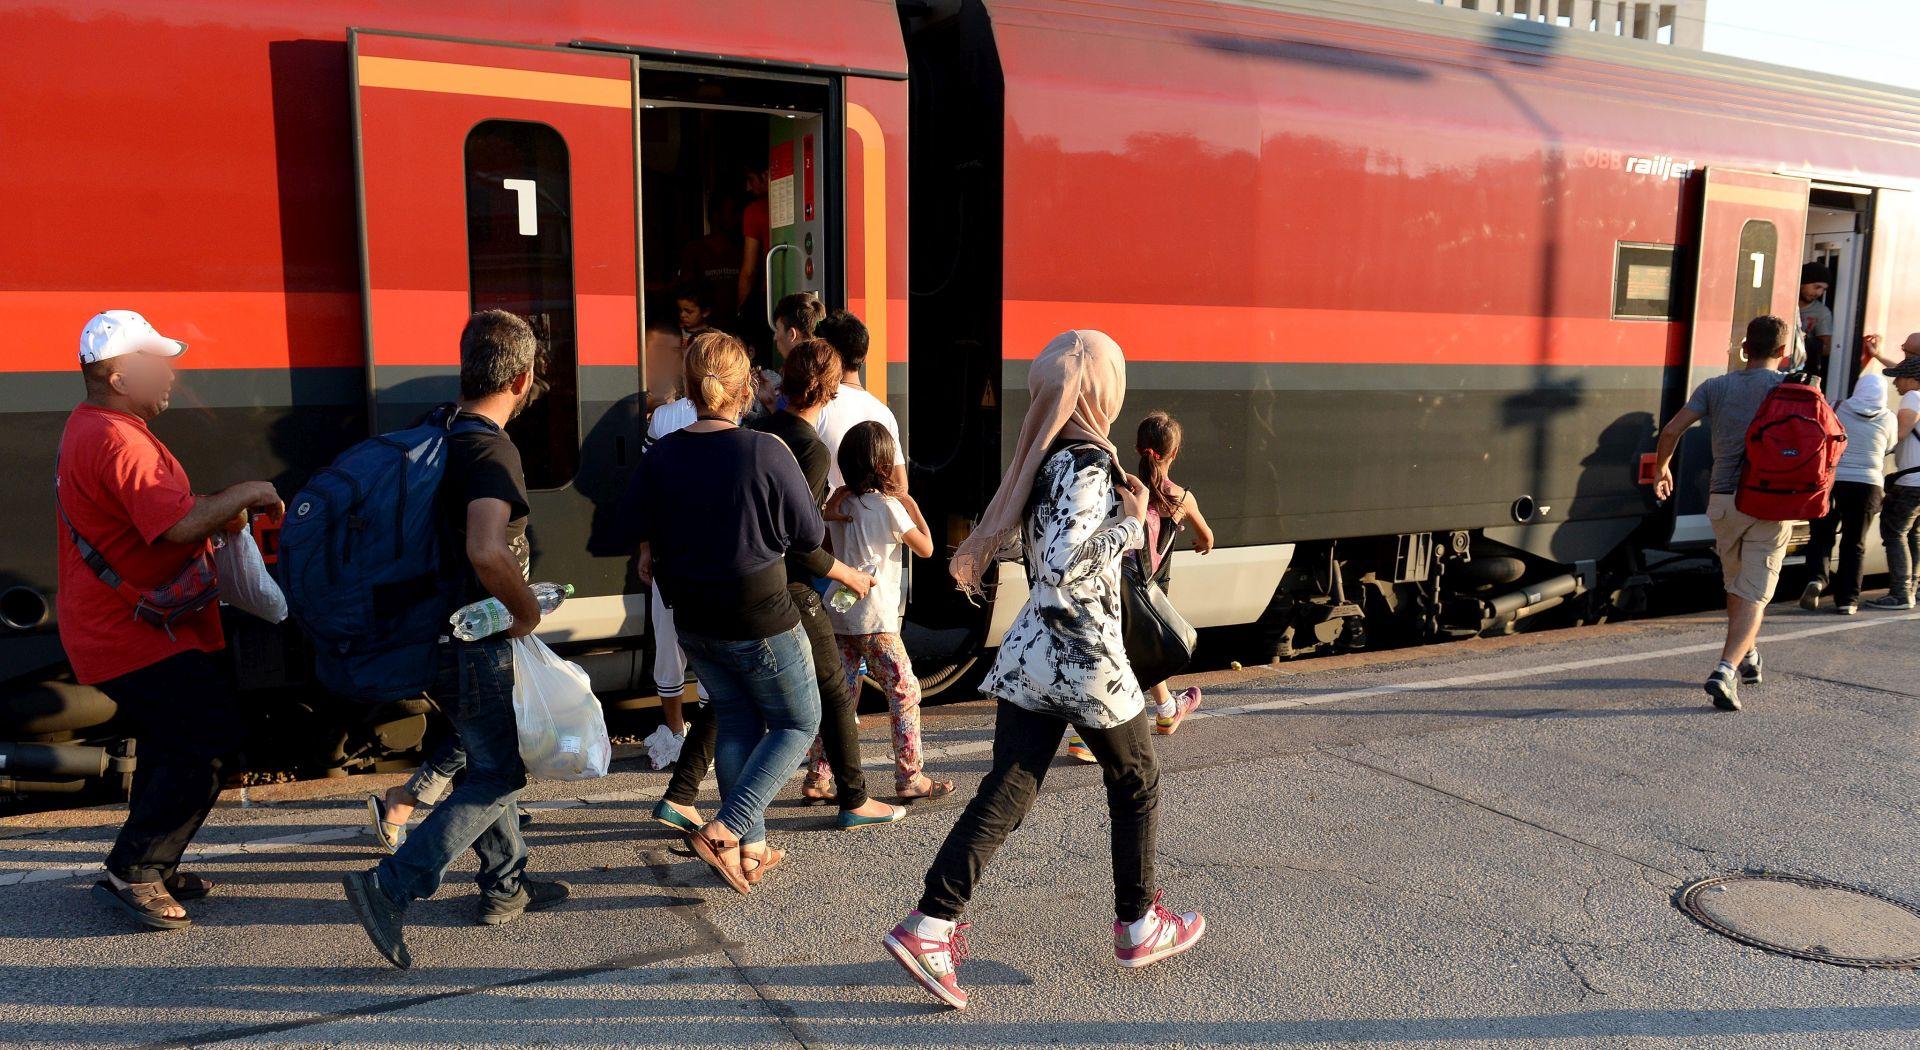 Iz Mađarske u Bavarsku stigao vlak s 400 izbjeglica